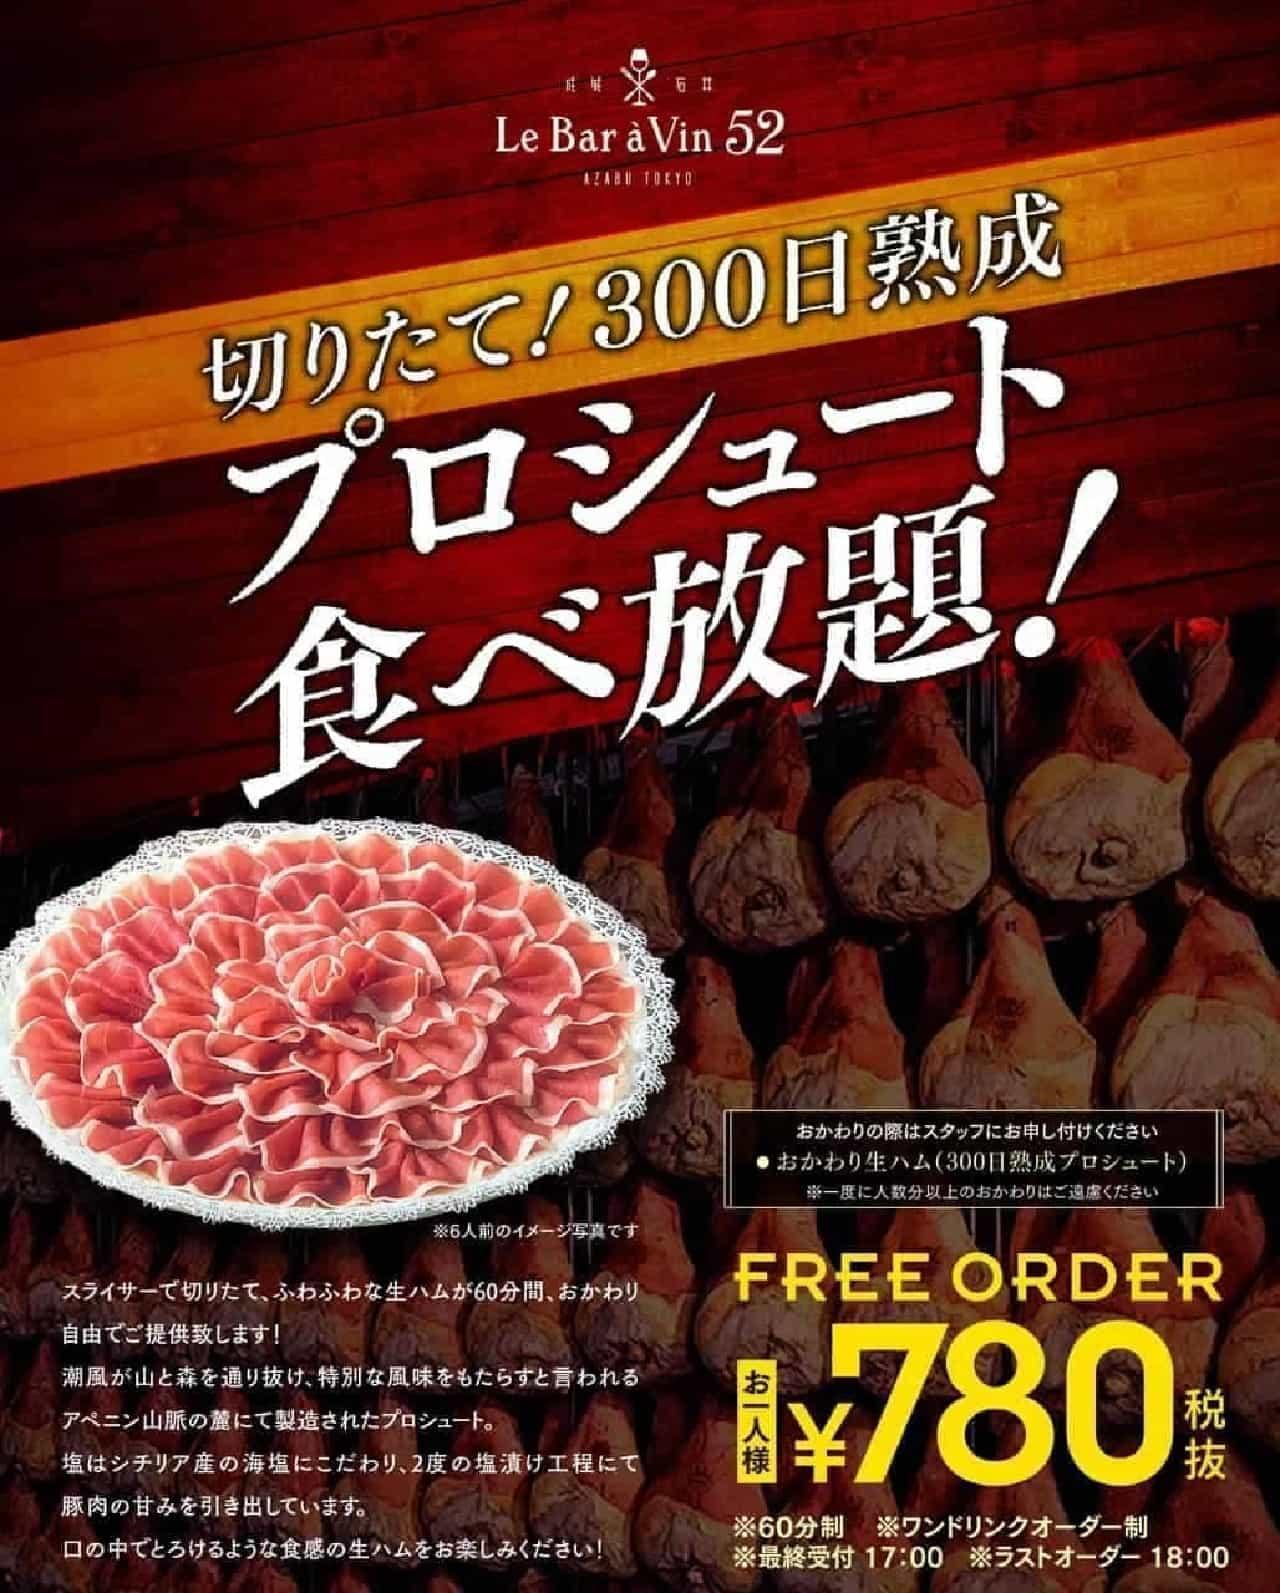 成城石井の生ハム食べ放題